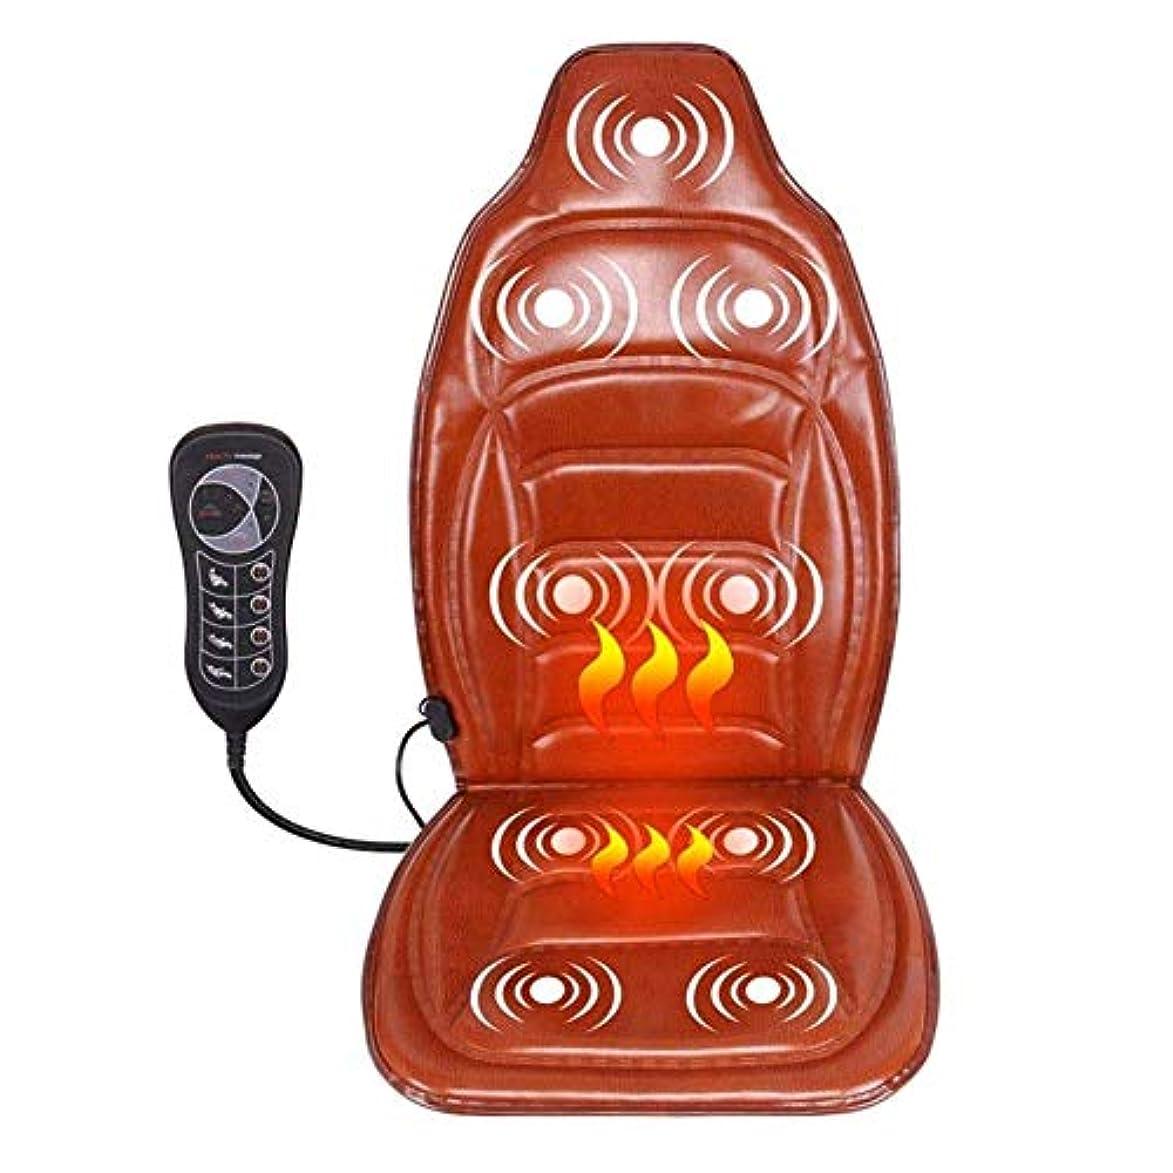 聴覚八百屋ライブ12Vカーシート加熱クッション、全身加熱マッサージ器電動ポータブル、加熱バイブレーターバックマッサージチェアチェアホームオフィス腰椎首の痛み緩和マッサージクッションパッドシート,B